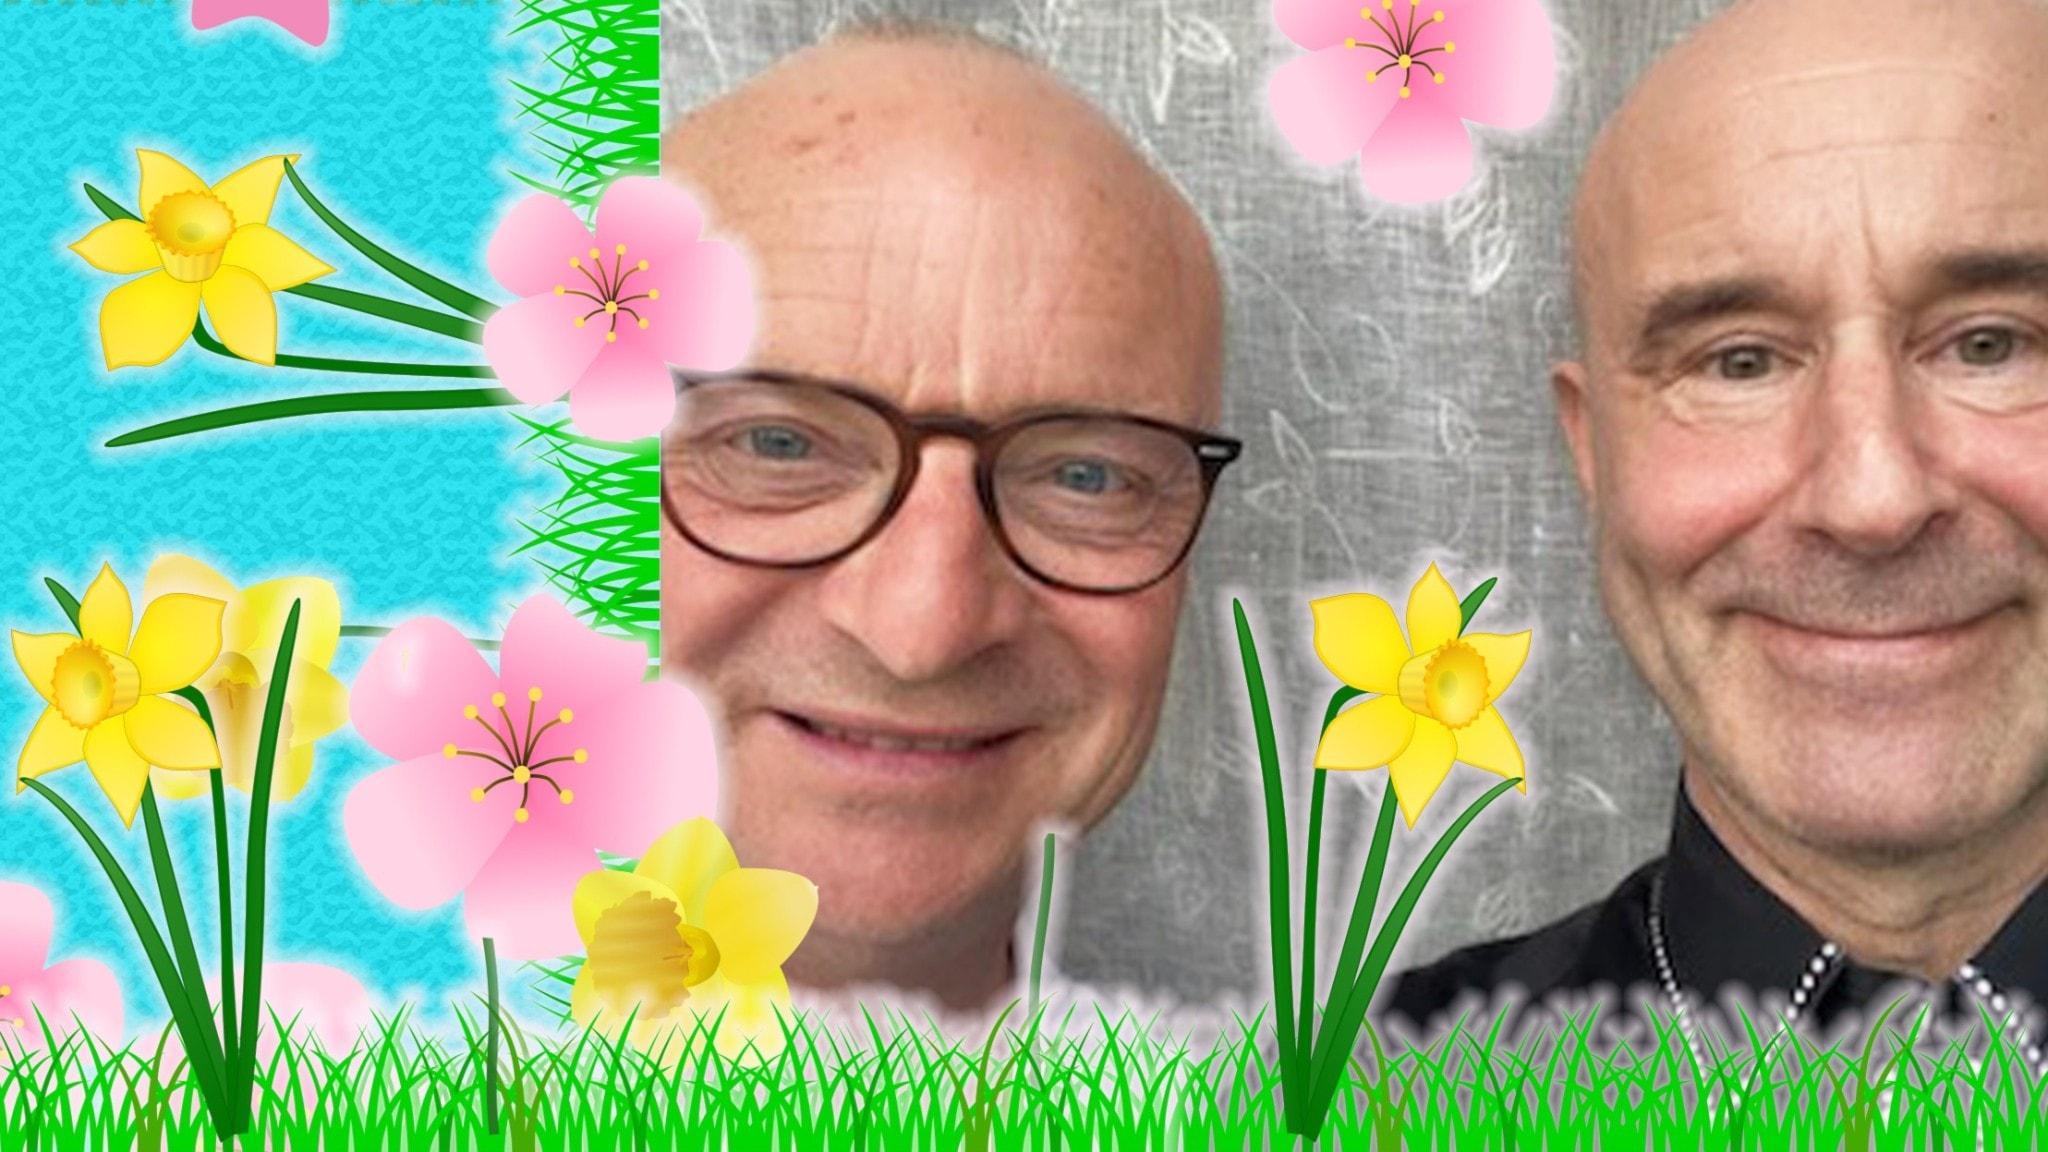 Hemma hos Mark och Jonas: Glad påsk!